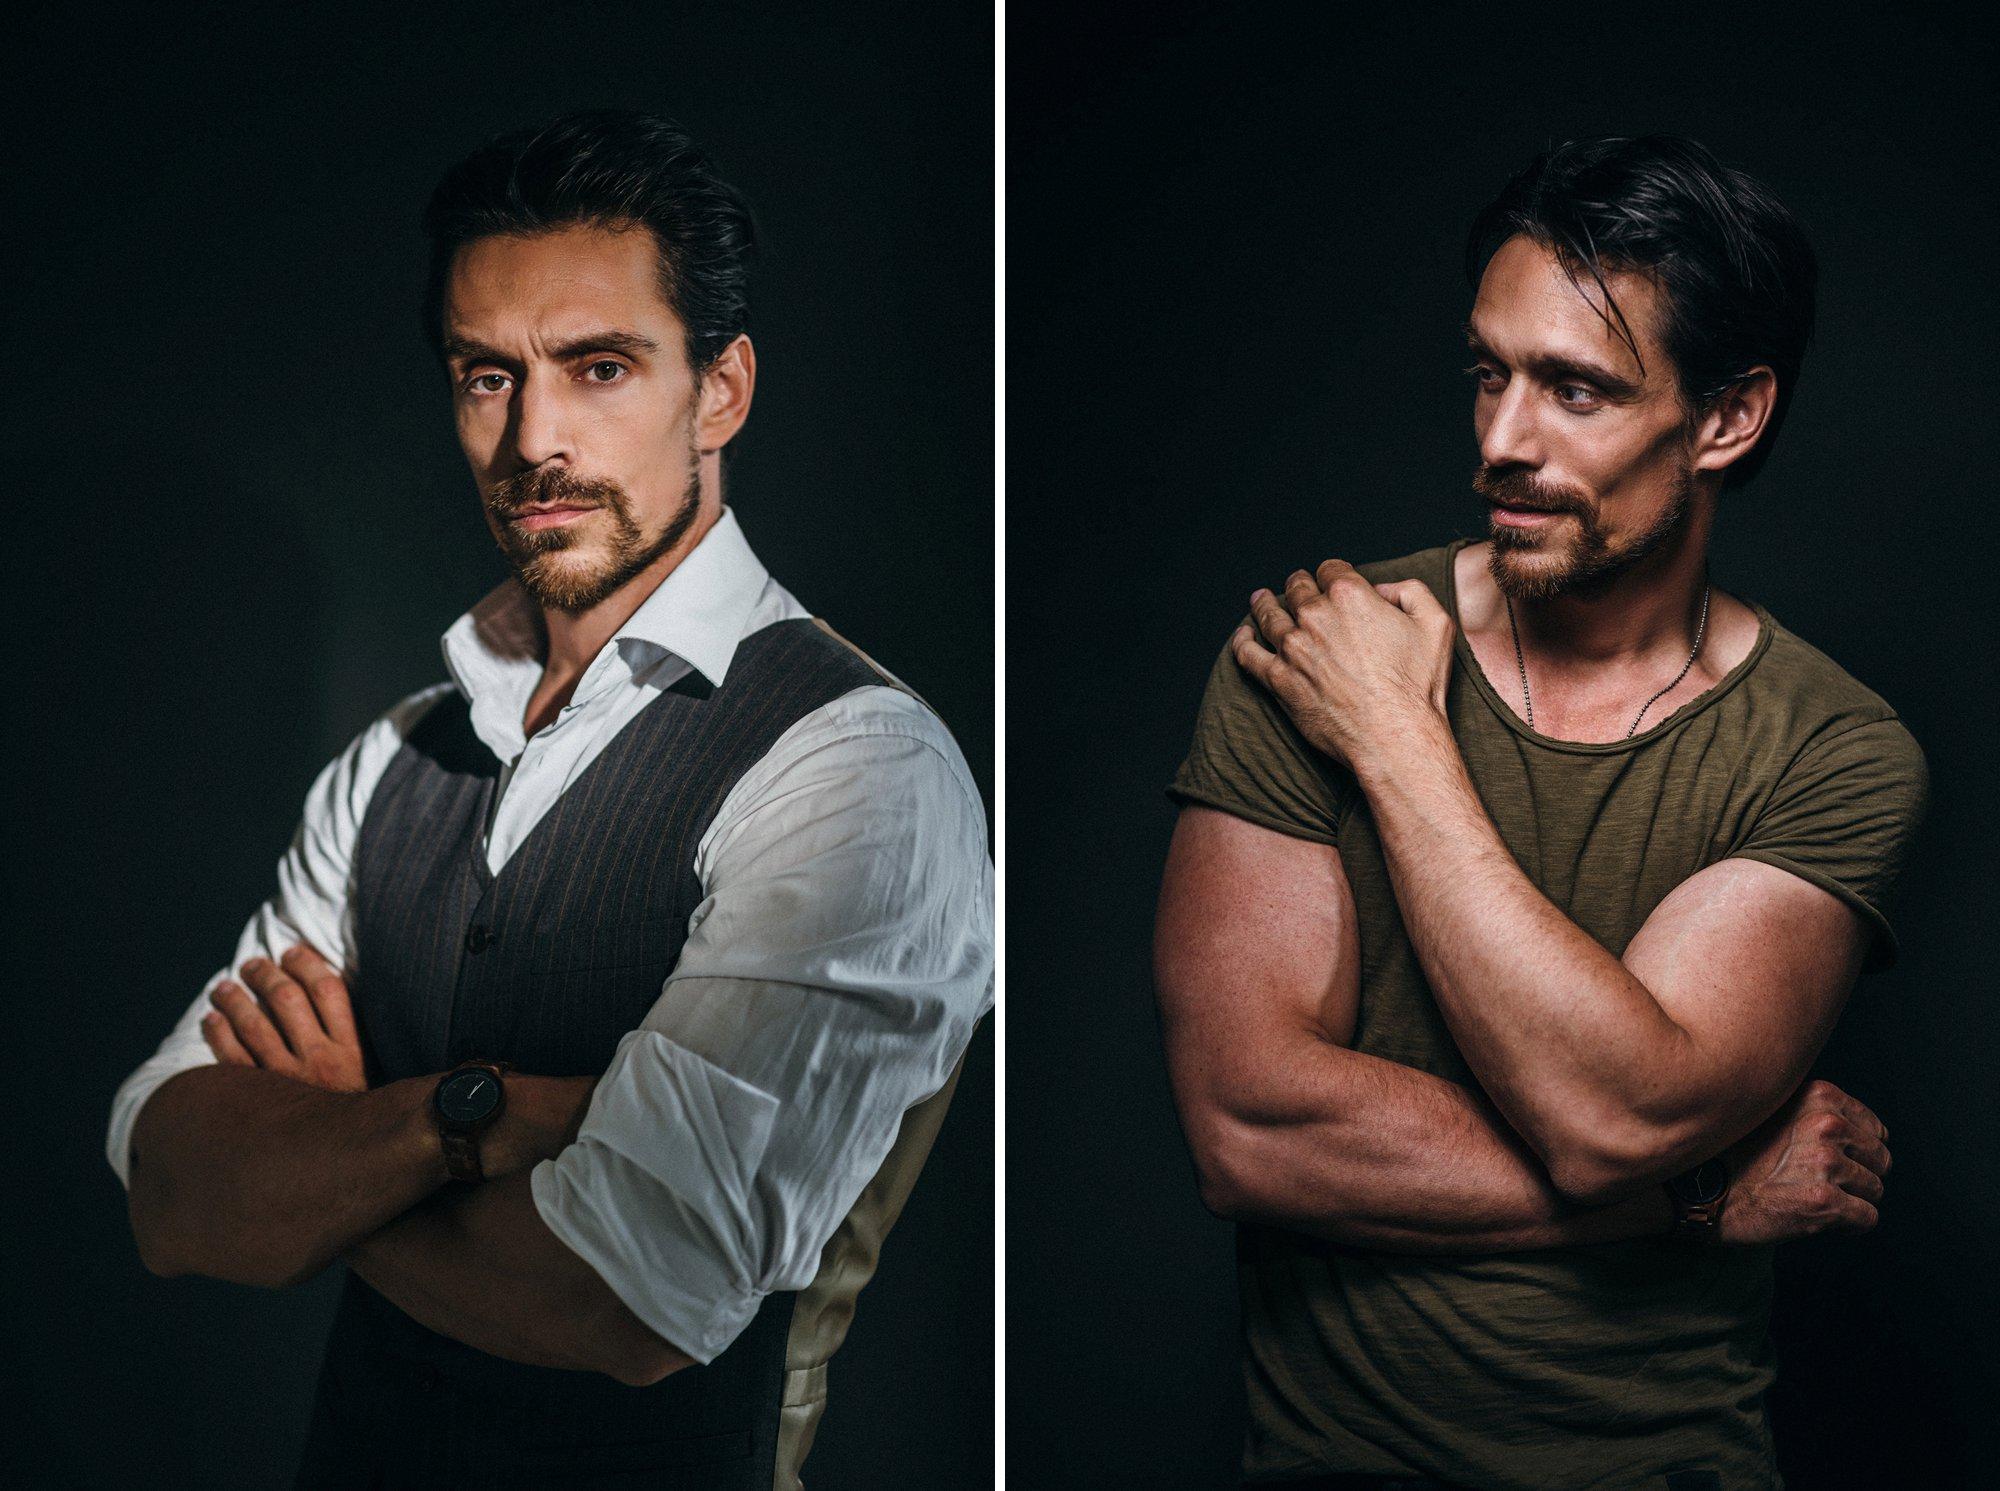 stimmungsvolle Schauspieler Portraits